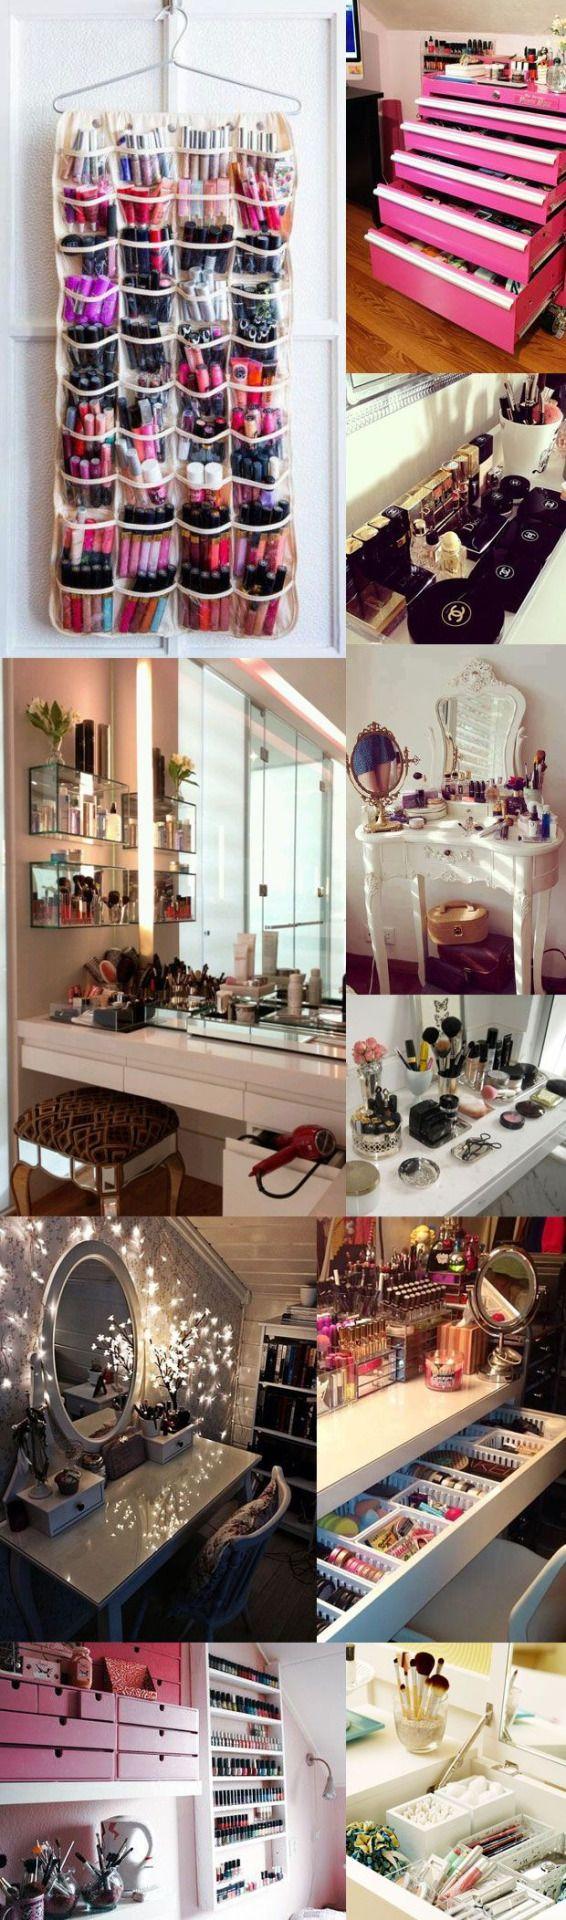 Les 25 meilleures id es de la cat gorie pinceau de - Organisateur de maquillage ...